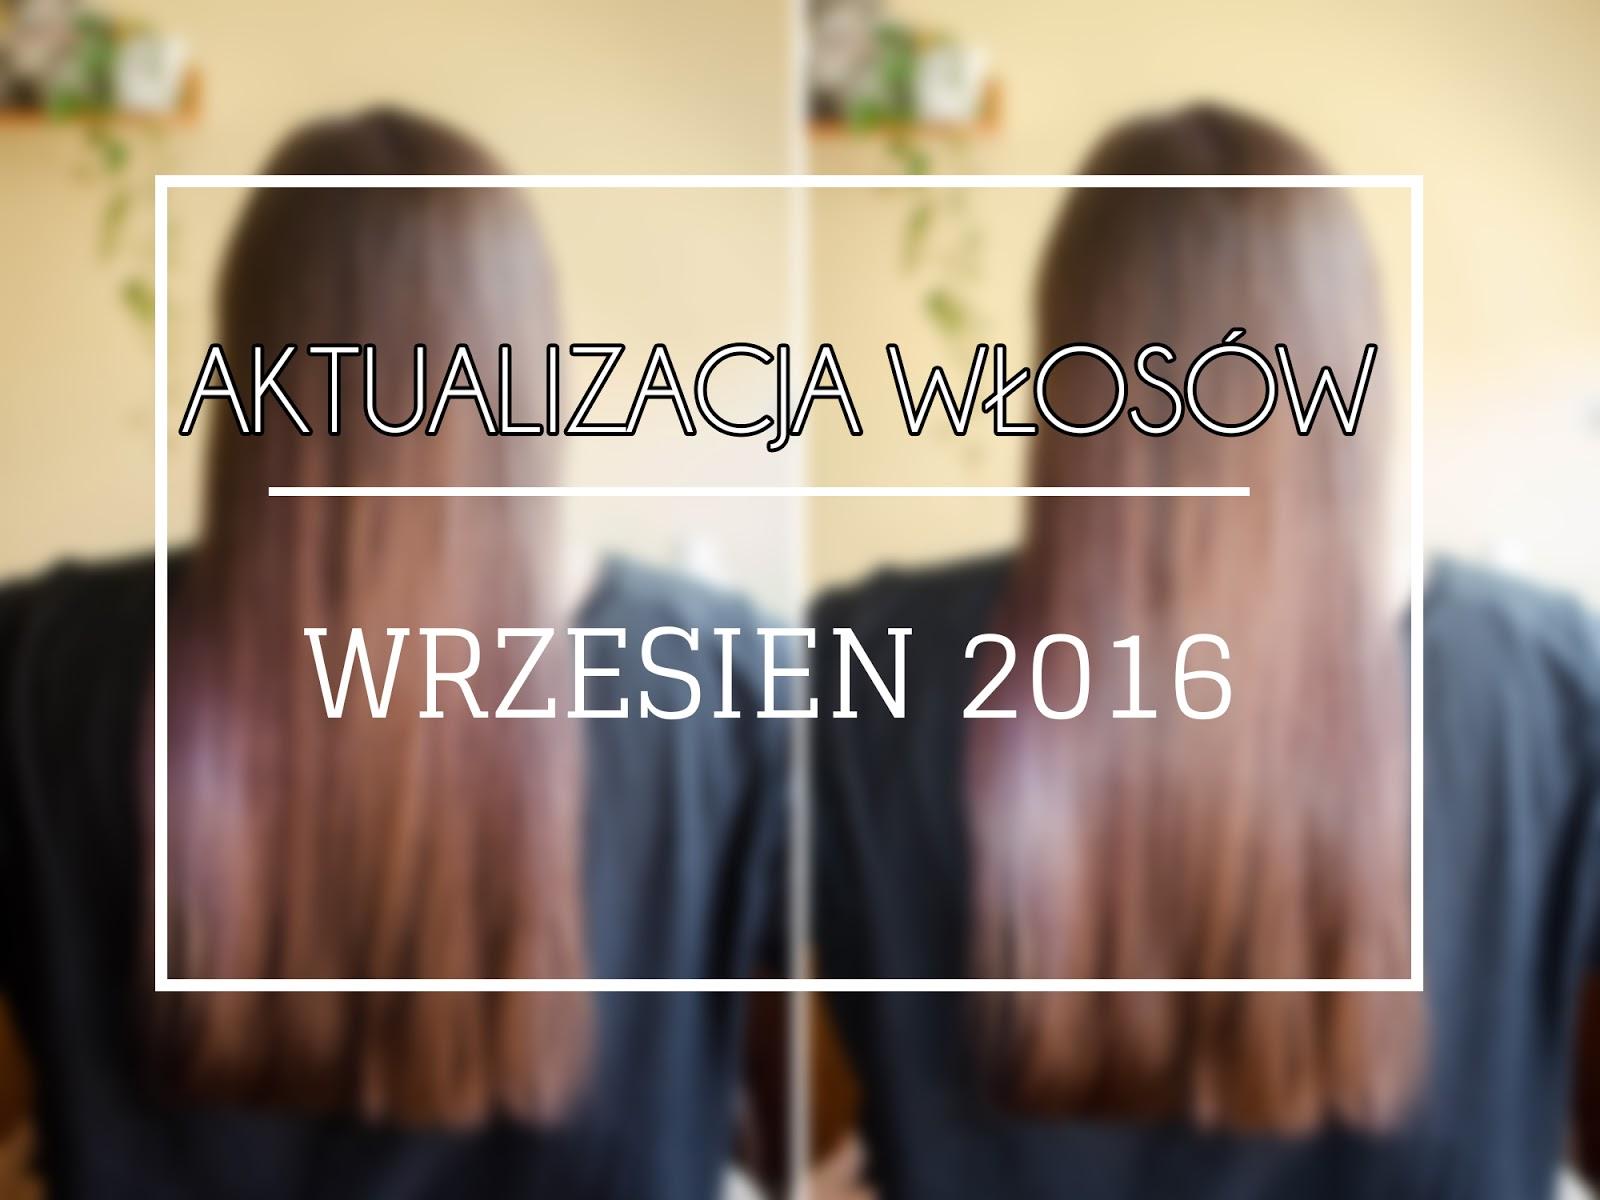 Aktualizacja włosów   wrzesień 2016